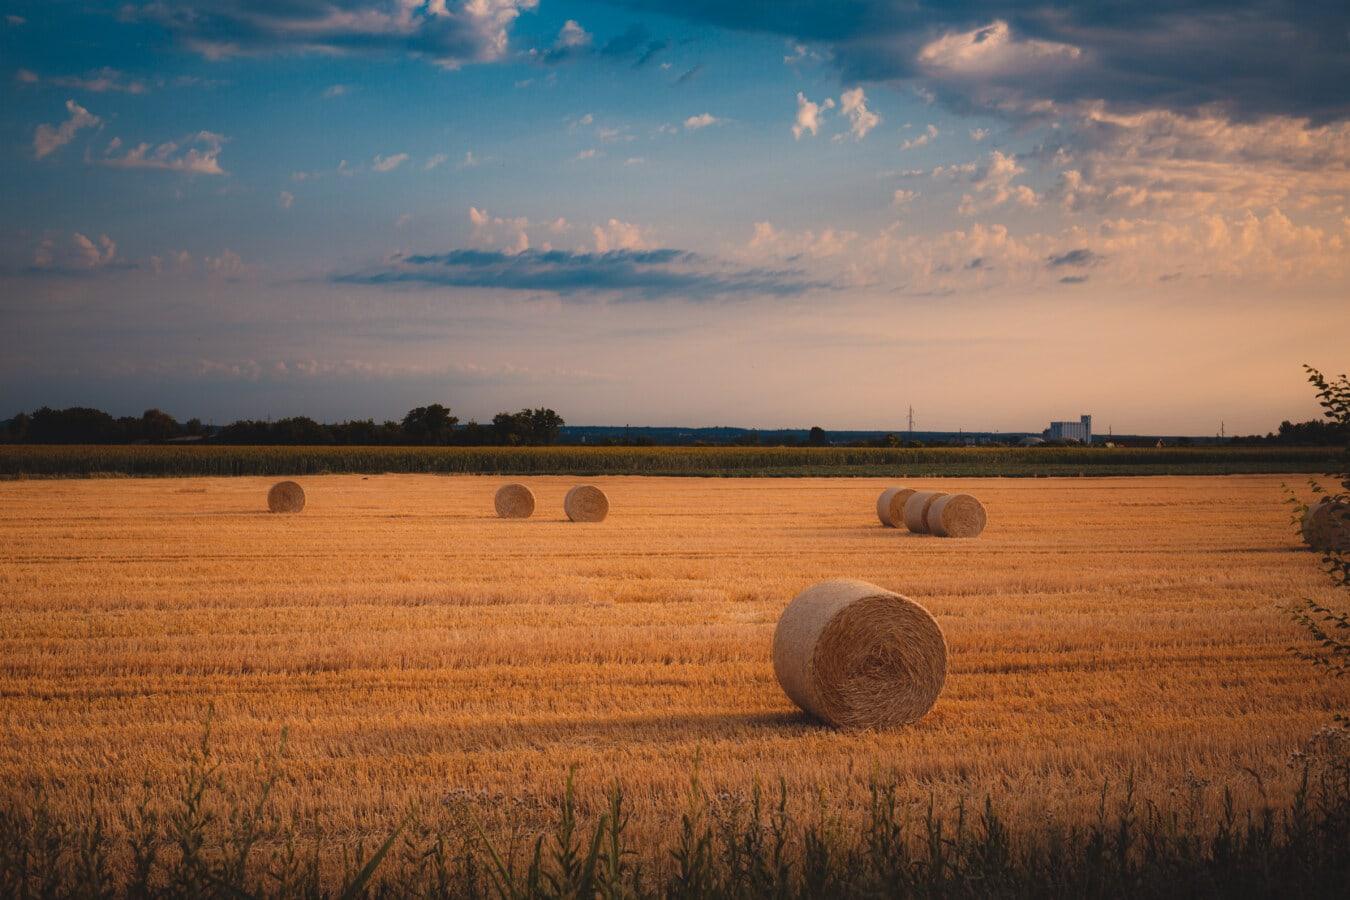 botte de foin, champ de foin, Hay, Sommet, soirée, paille, domaine, Agriculture, paysage, coucher de soleil